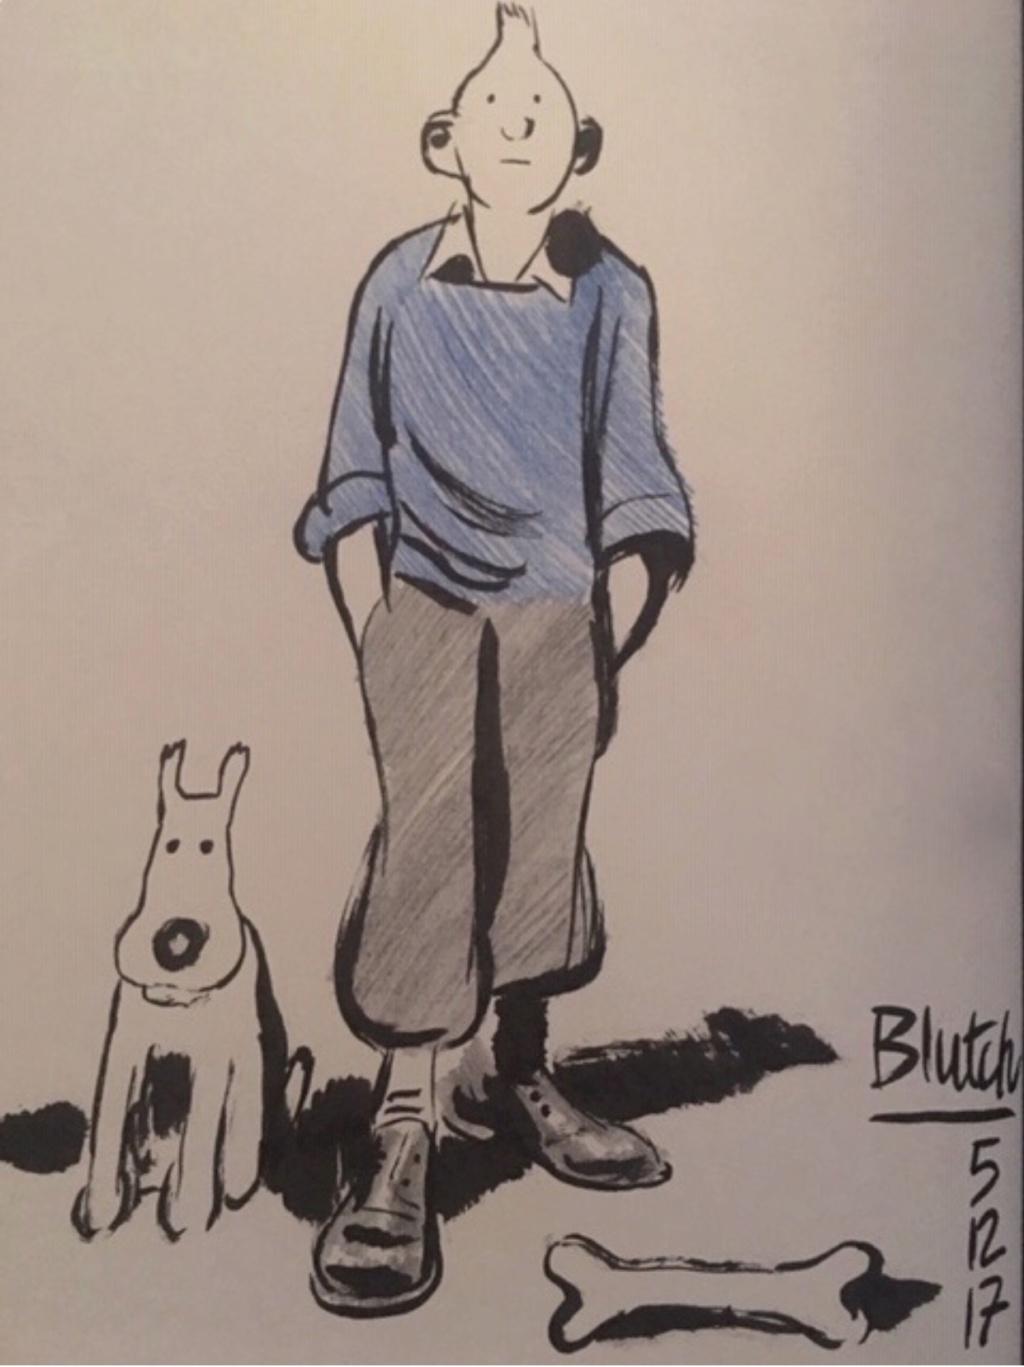 Les hommages entre les dessinateurs - Page 25 Blutch13